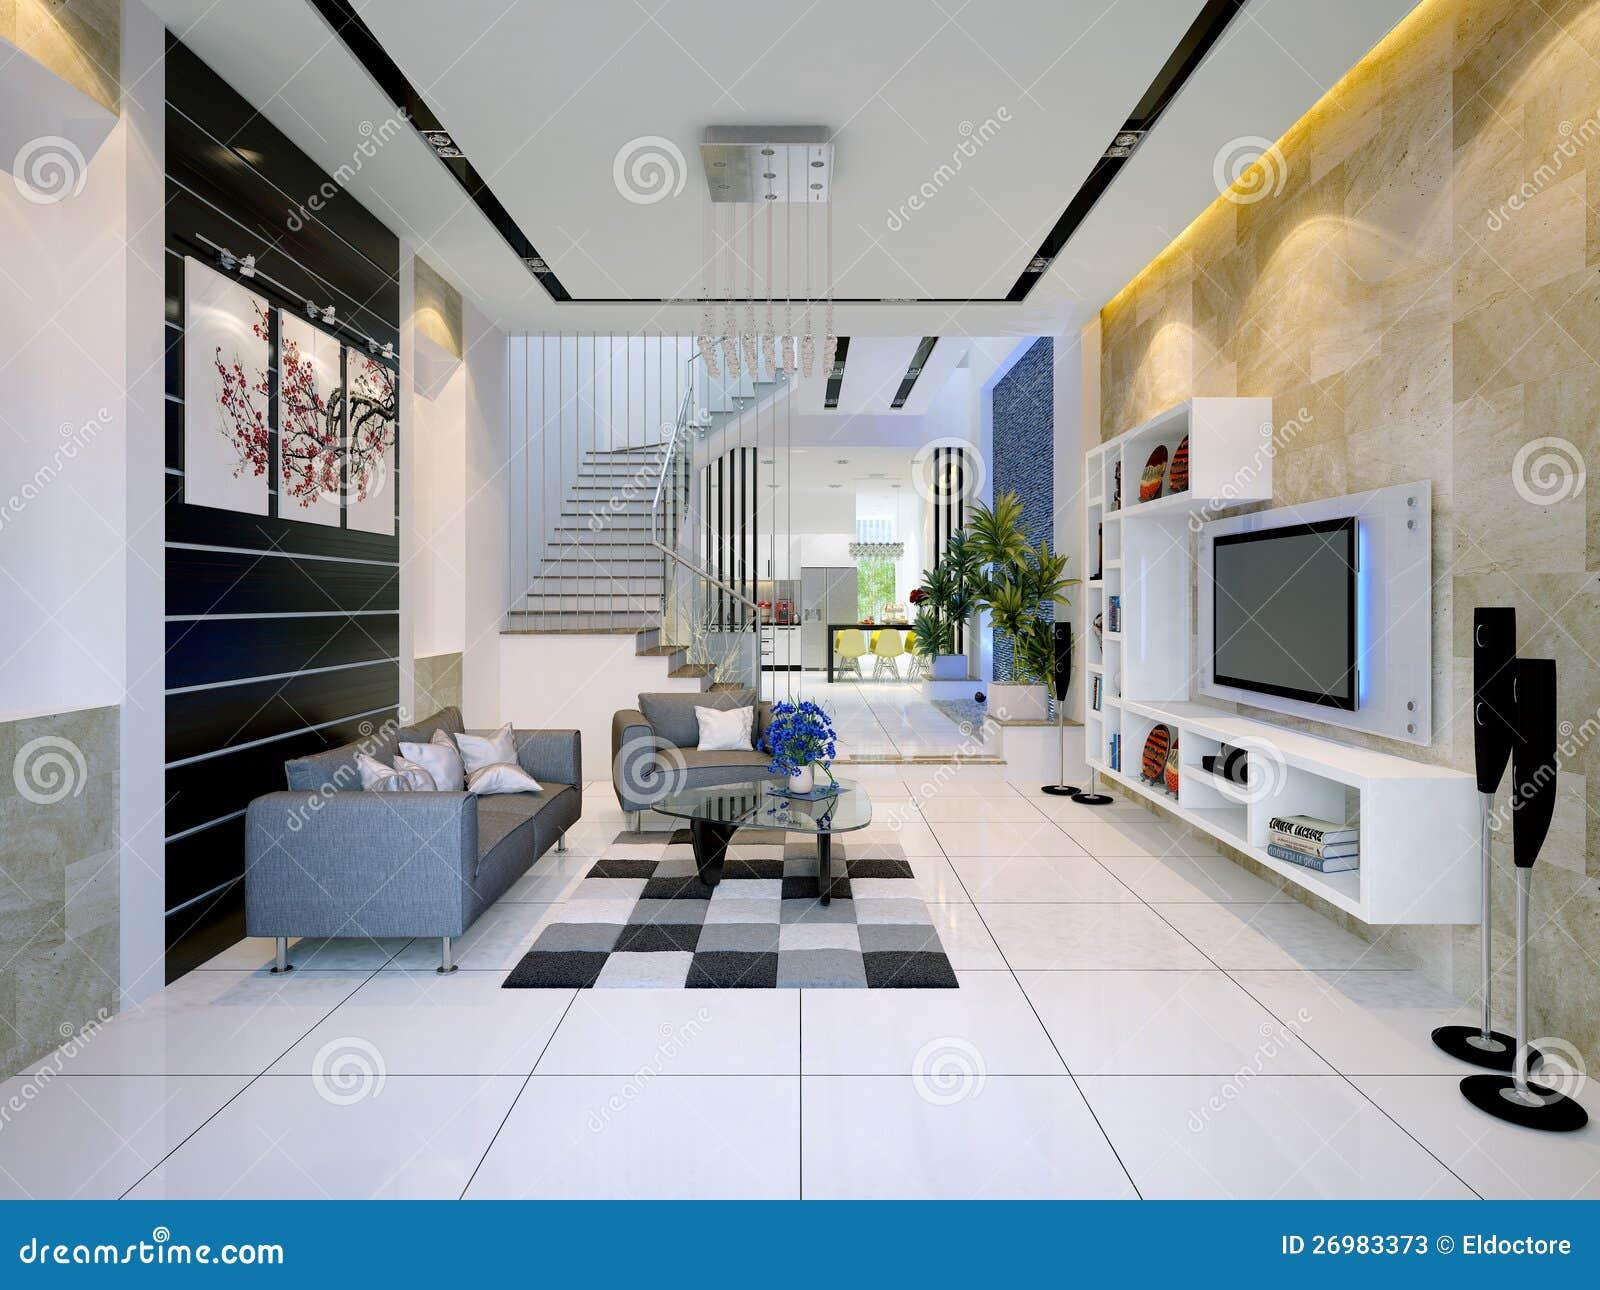 Int rieur d 39 une maison moderne avec la salle de s jour image stock image du lumi re cottage - Interieur d une maison ...